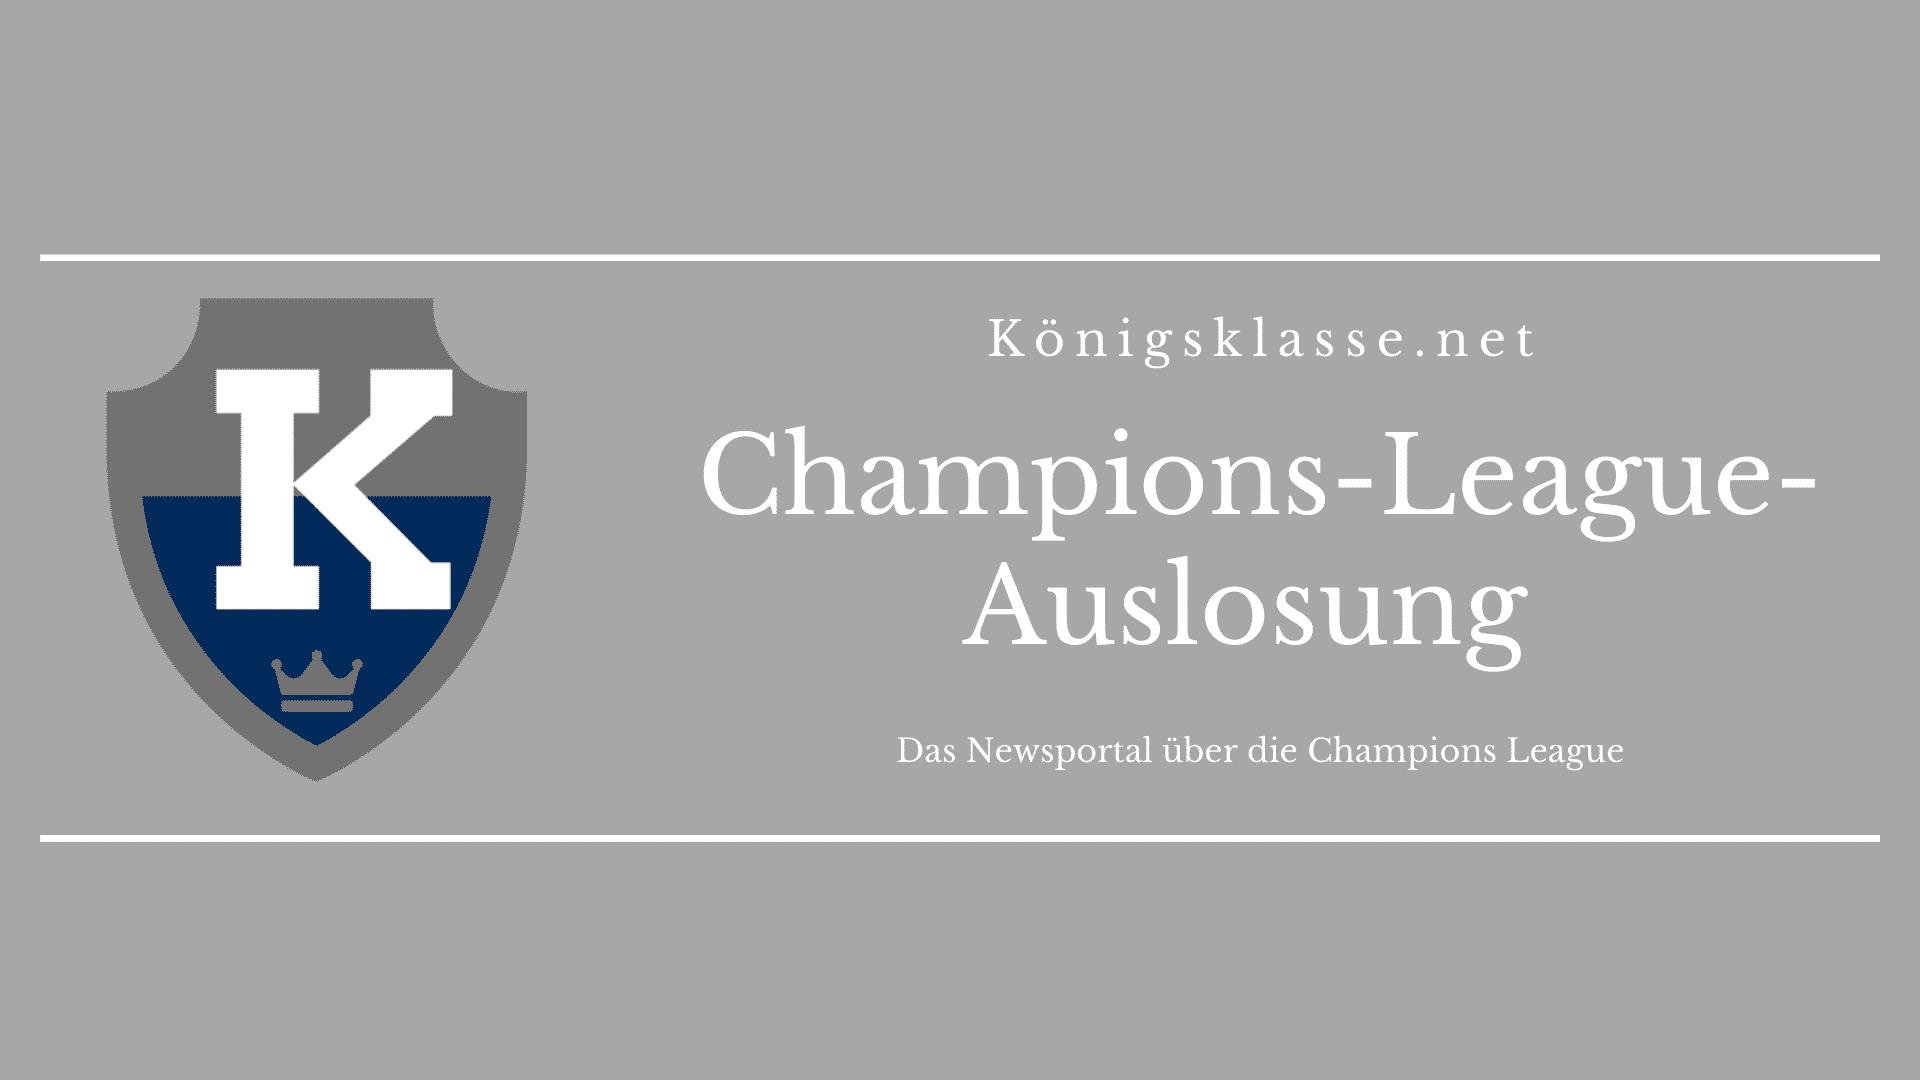 Champions-League-Auslosung 2021 & 2022: Hier gibt es alle relevanten Infos zur Auslosung der Champions League - auch live!